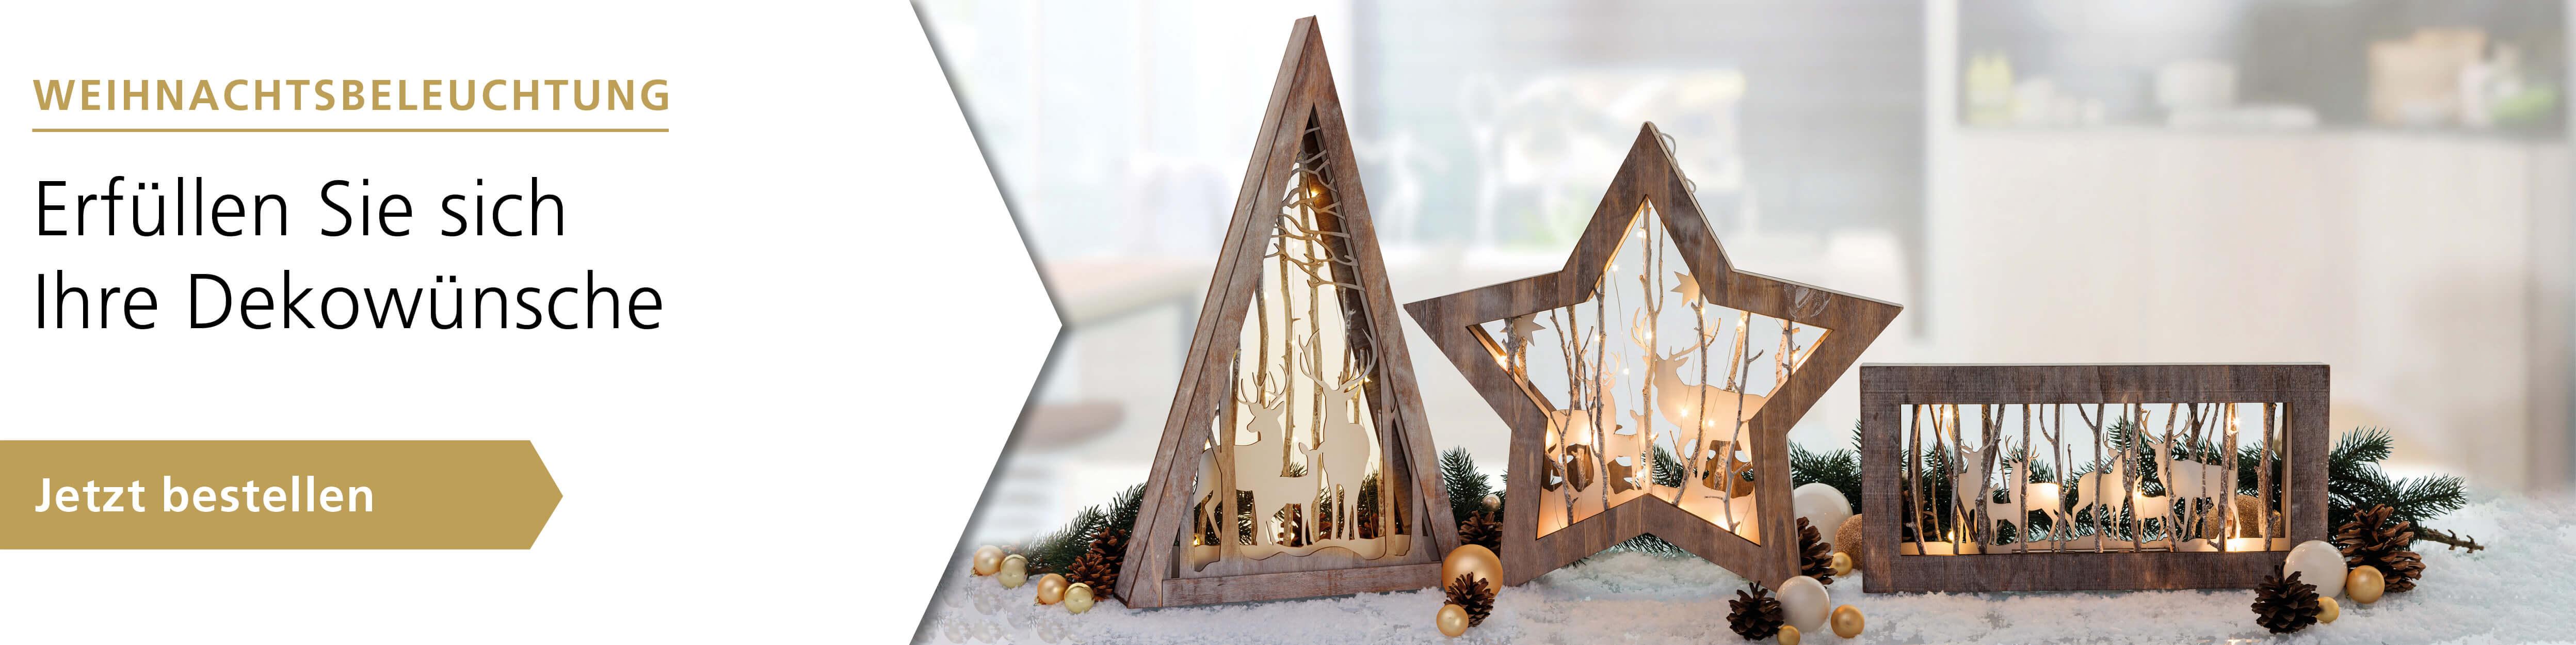 Erfüllen Sie sich Ihre Dekowünsche - Weihnachtsbeleuchtung